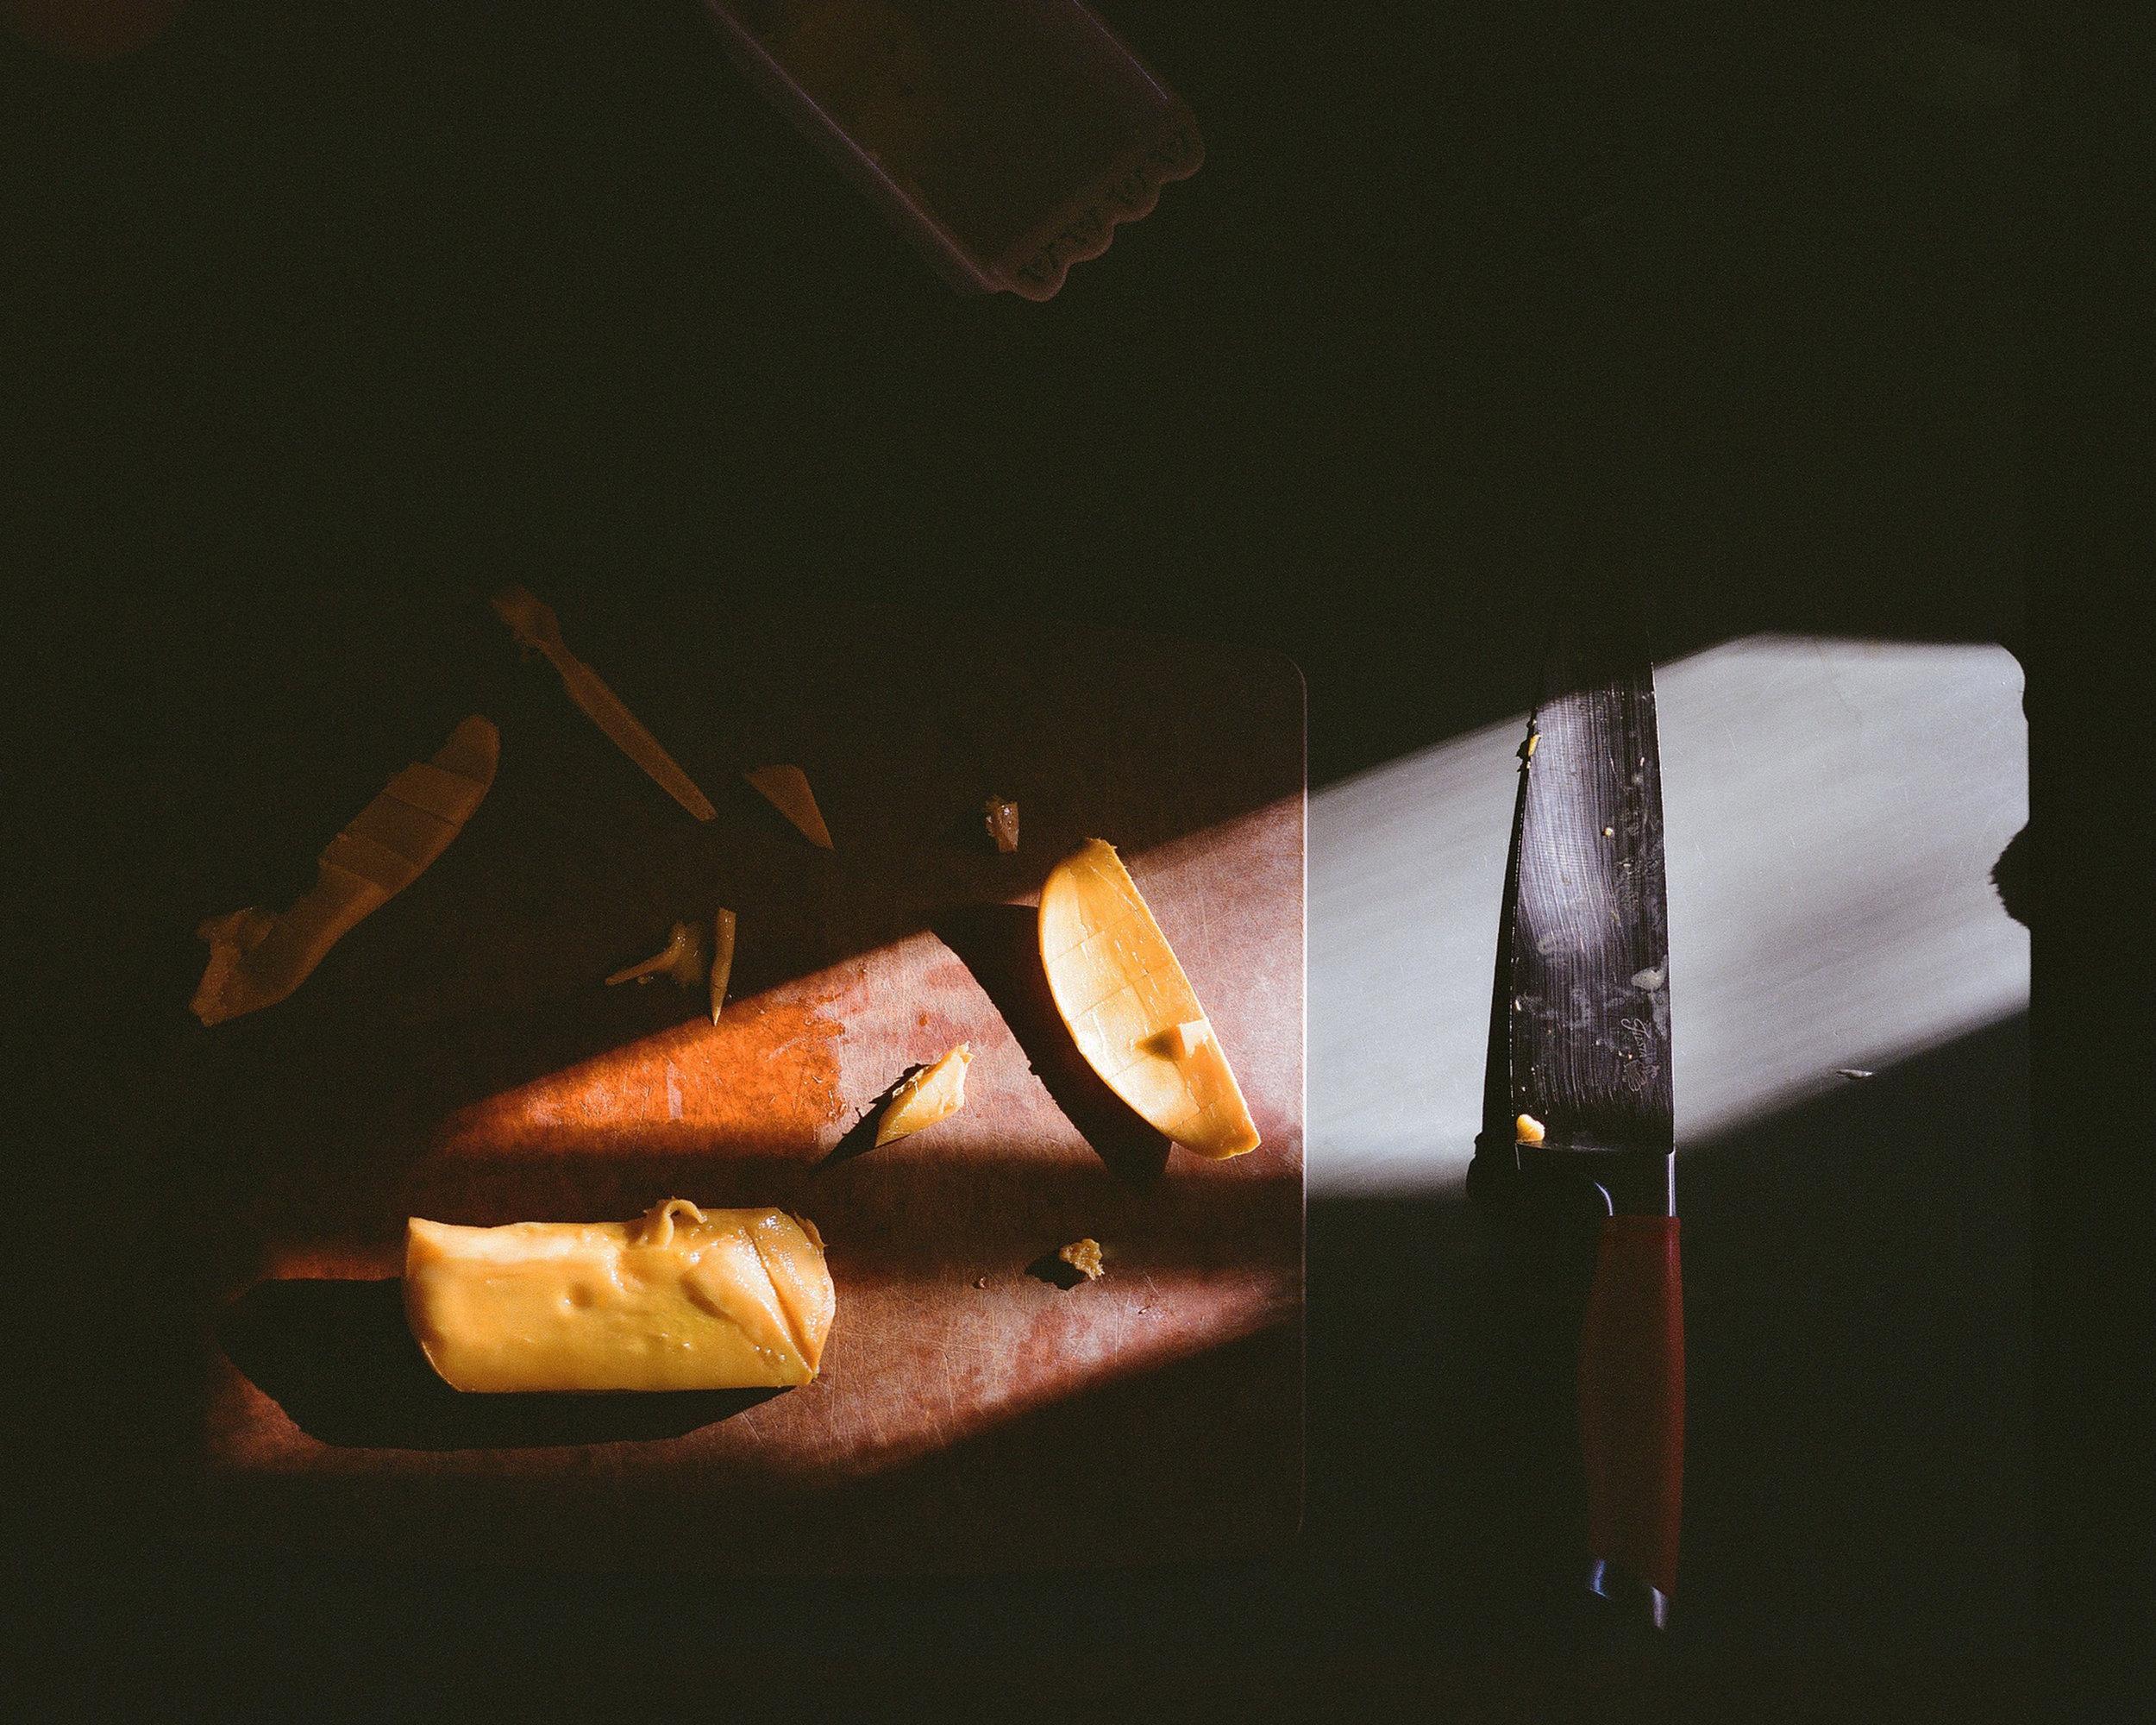 knife and mango.jpg